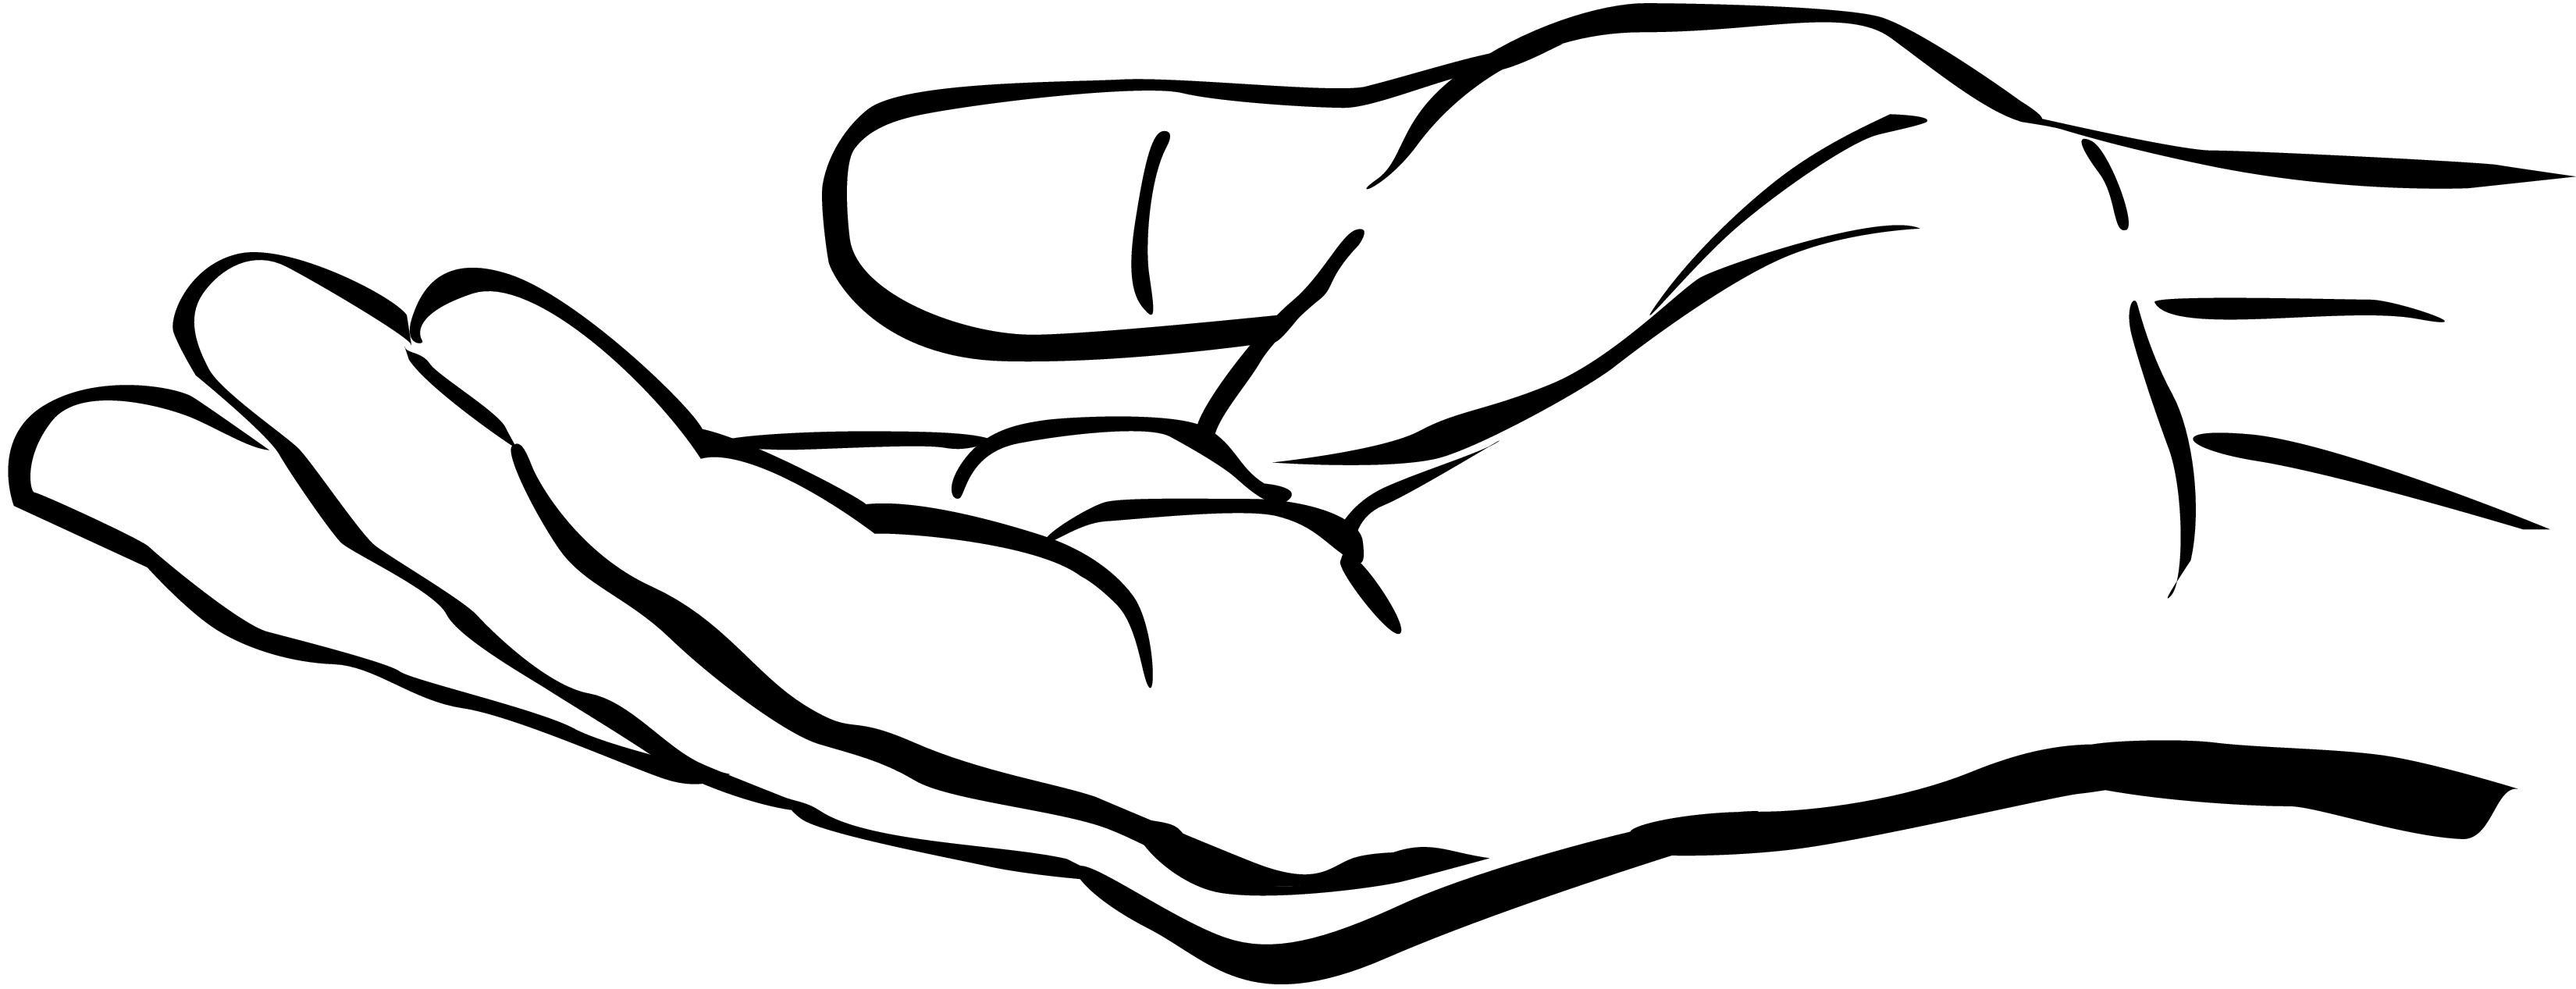 Top praying design jpg. Hands clipart open